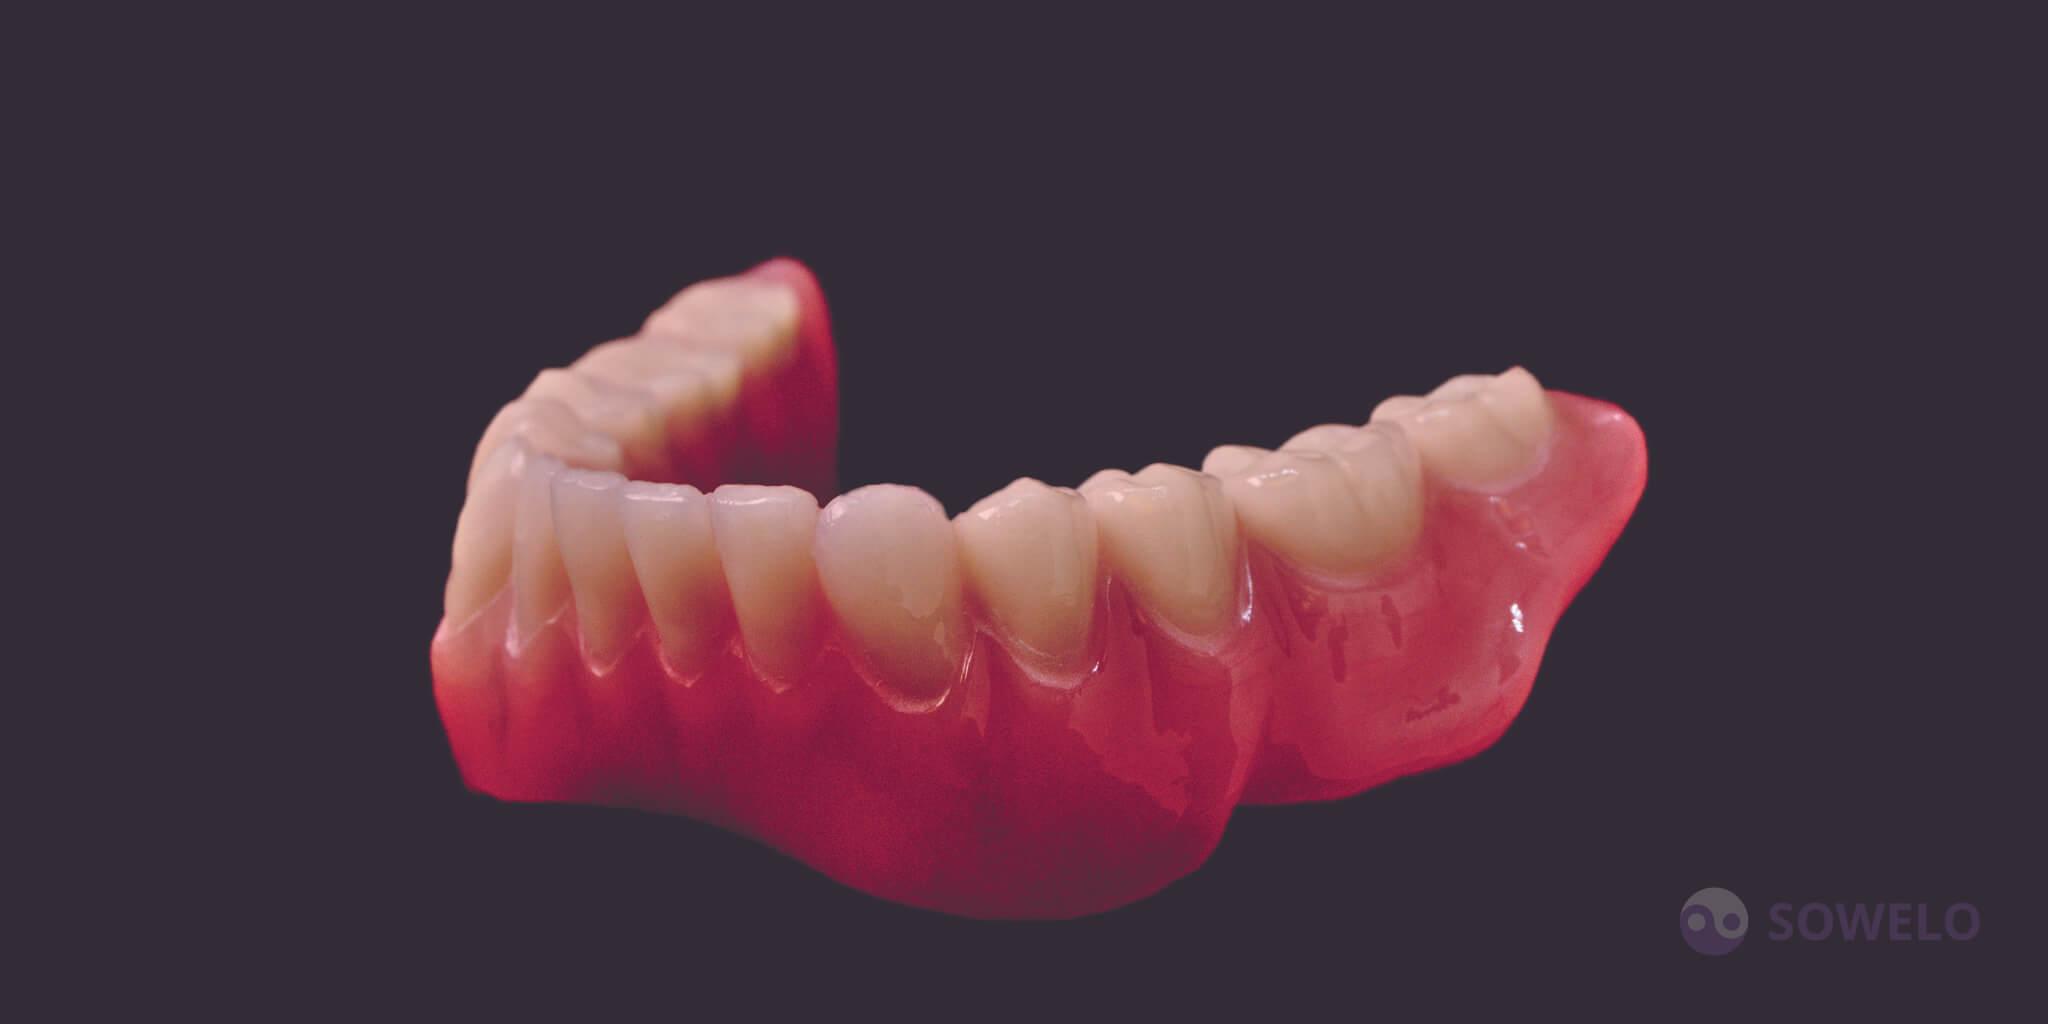 Totalna proteza je edina ne-implantološka možnost, kadar v ustih ni več nobenega zoba. Totalna proteza na zgornji čeljusti je napravljena tako, da se s pomočjo vakuma prisesa na nebo, tako ne izpade, ko odprete usta. Zaradi močnih vakuumskih sil je totalna proteza na zgornji čeljusti zelo dobro sprejeta; ne ovira govorjenja in prehranjevanja. V določenih primerih težavo predstavlja totalna proteza na spodnji čeljusti, saj lahko pride do močne resorpcije čeljustnih grebenov in posledično nestabilnosti; ni vakuma, ki bi fiksiral protezo - pada dol.